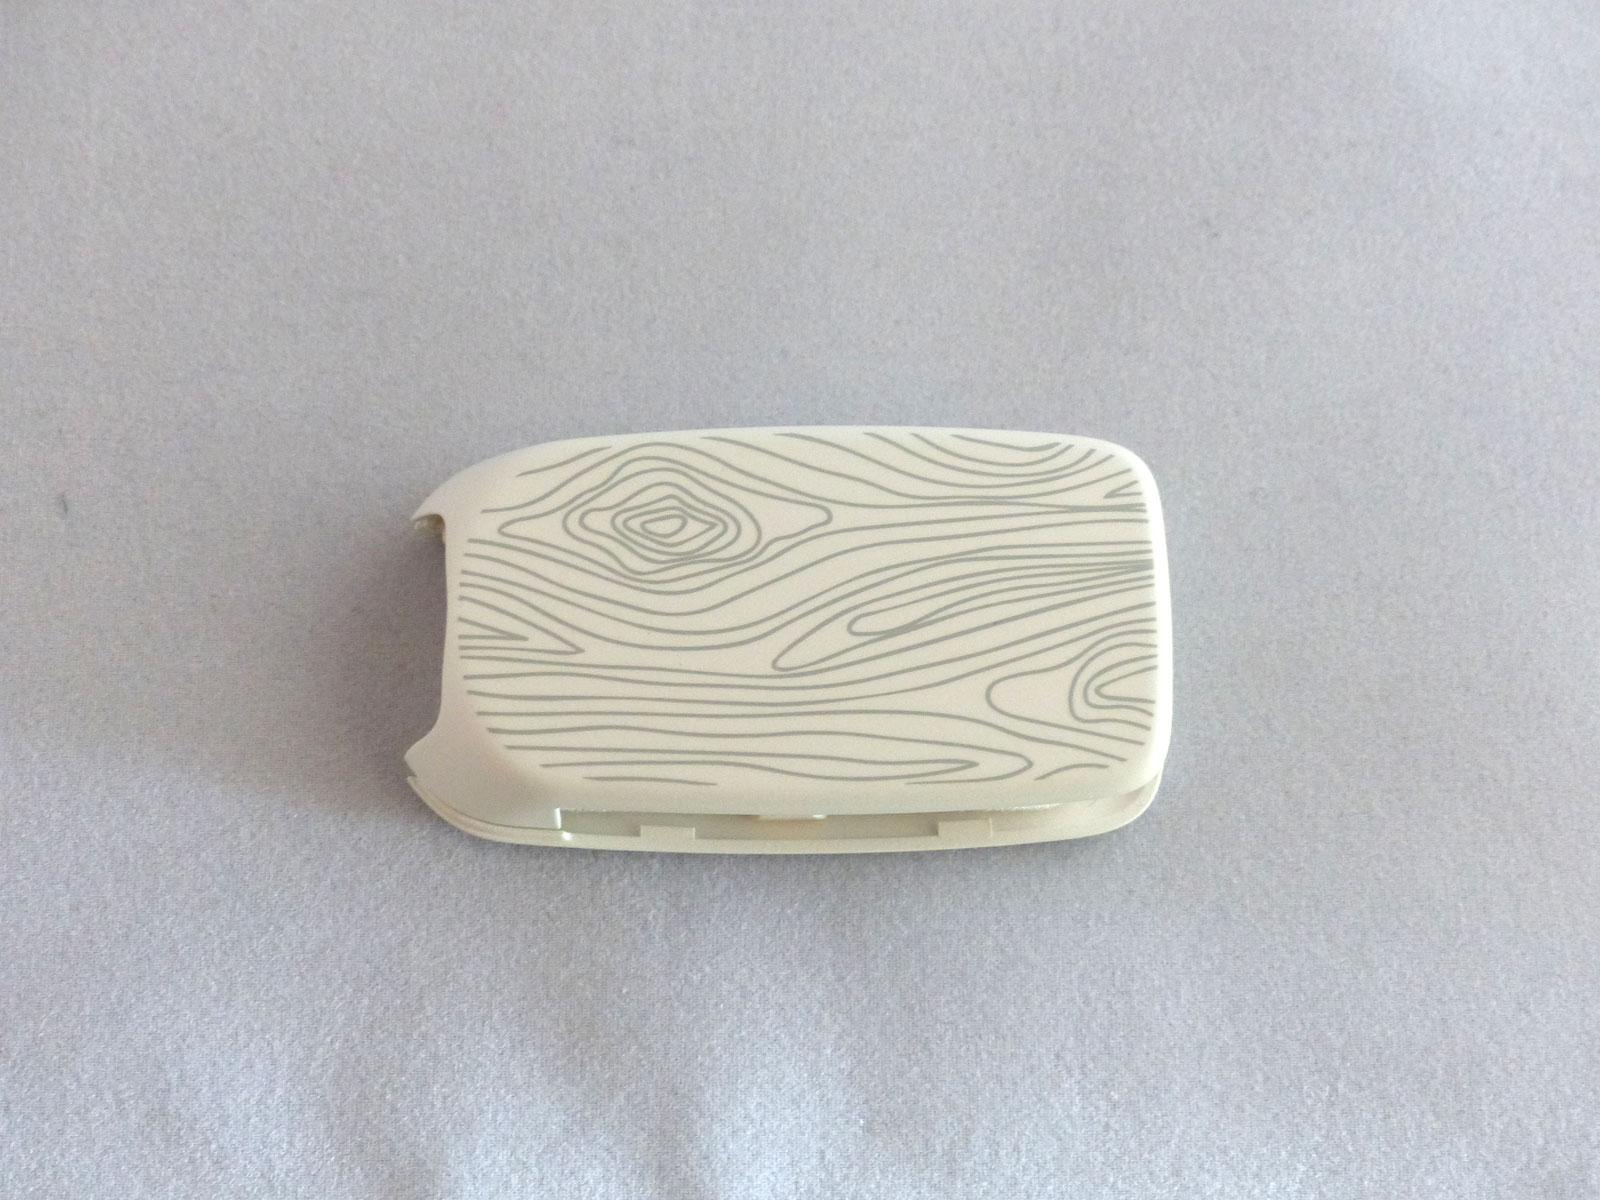 1x Schlüsselschale Schlüsselcover Fiat TIPO 500X weiß Ornamente Muster